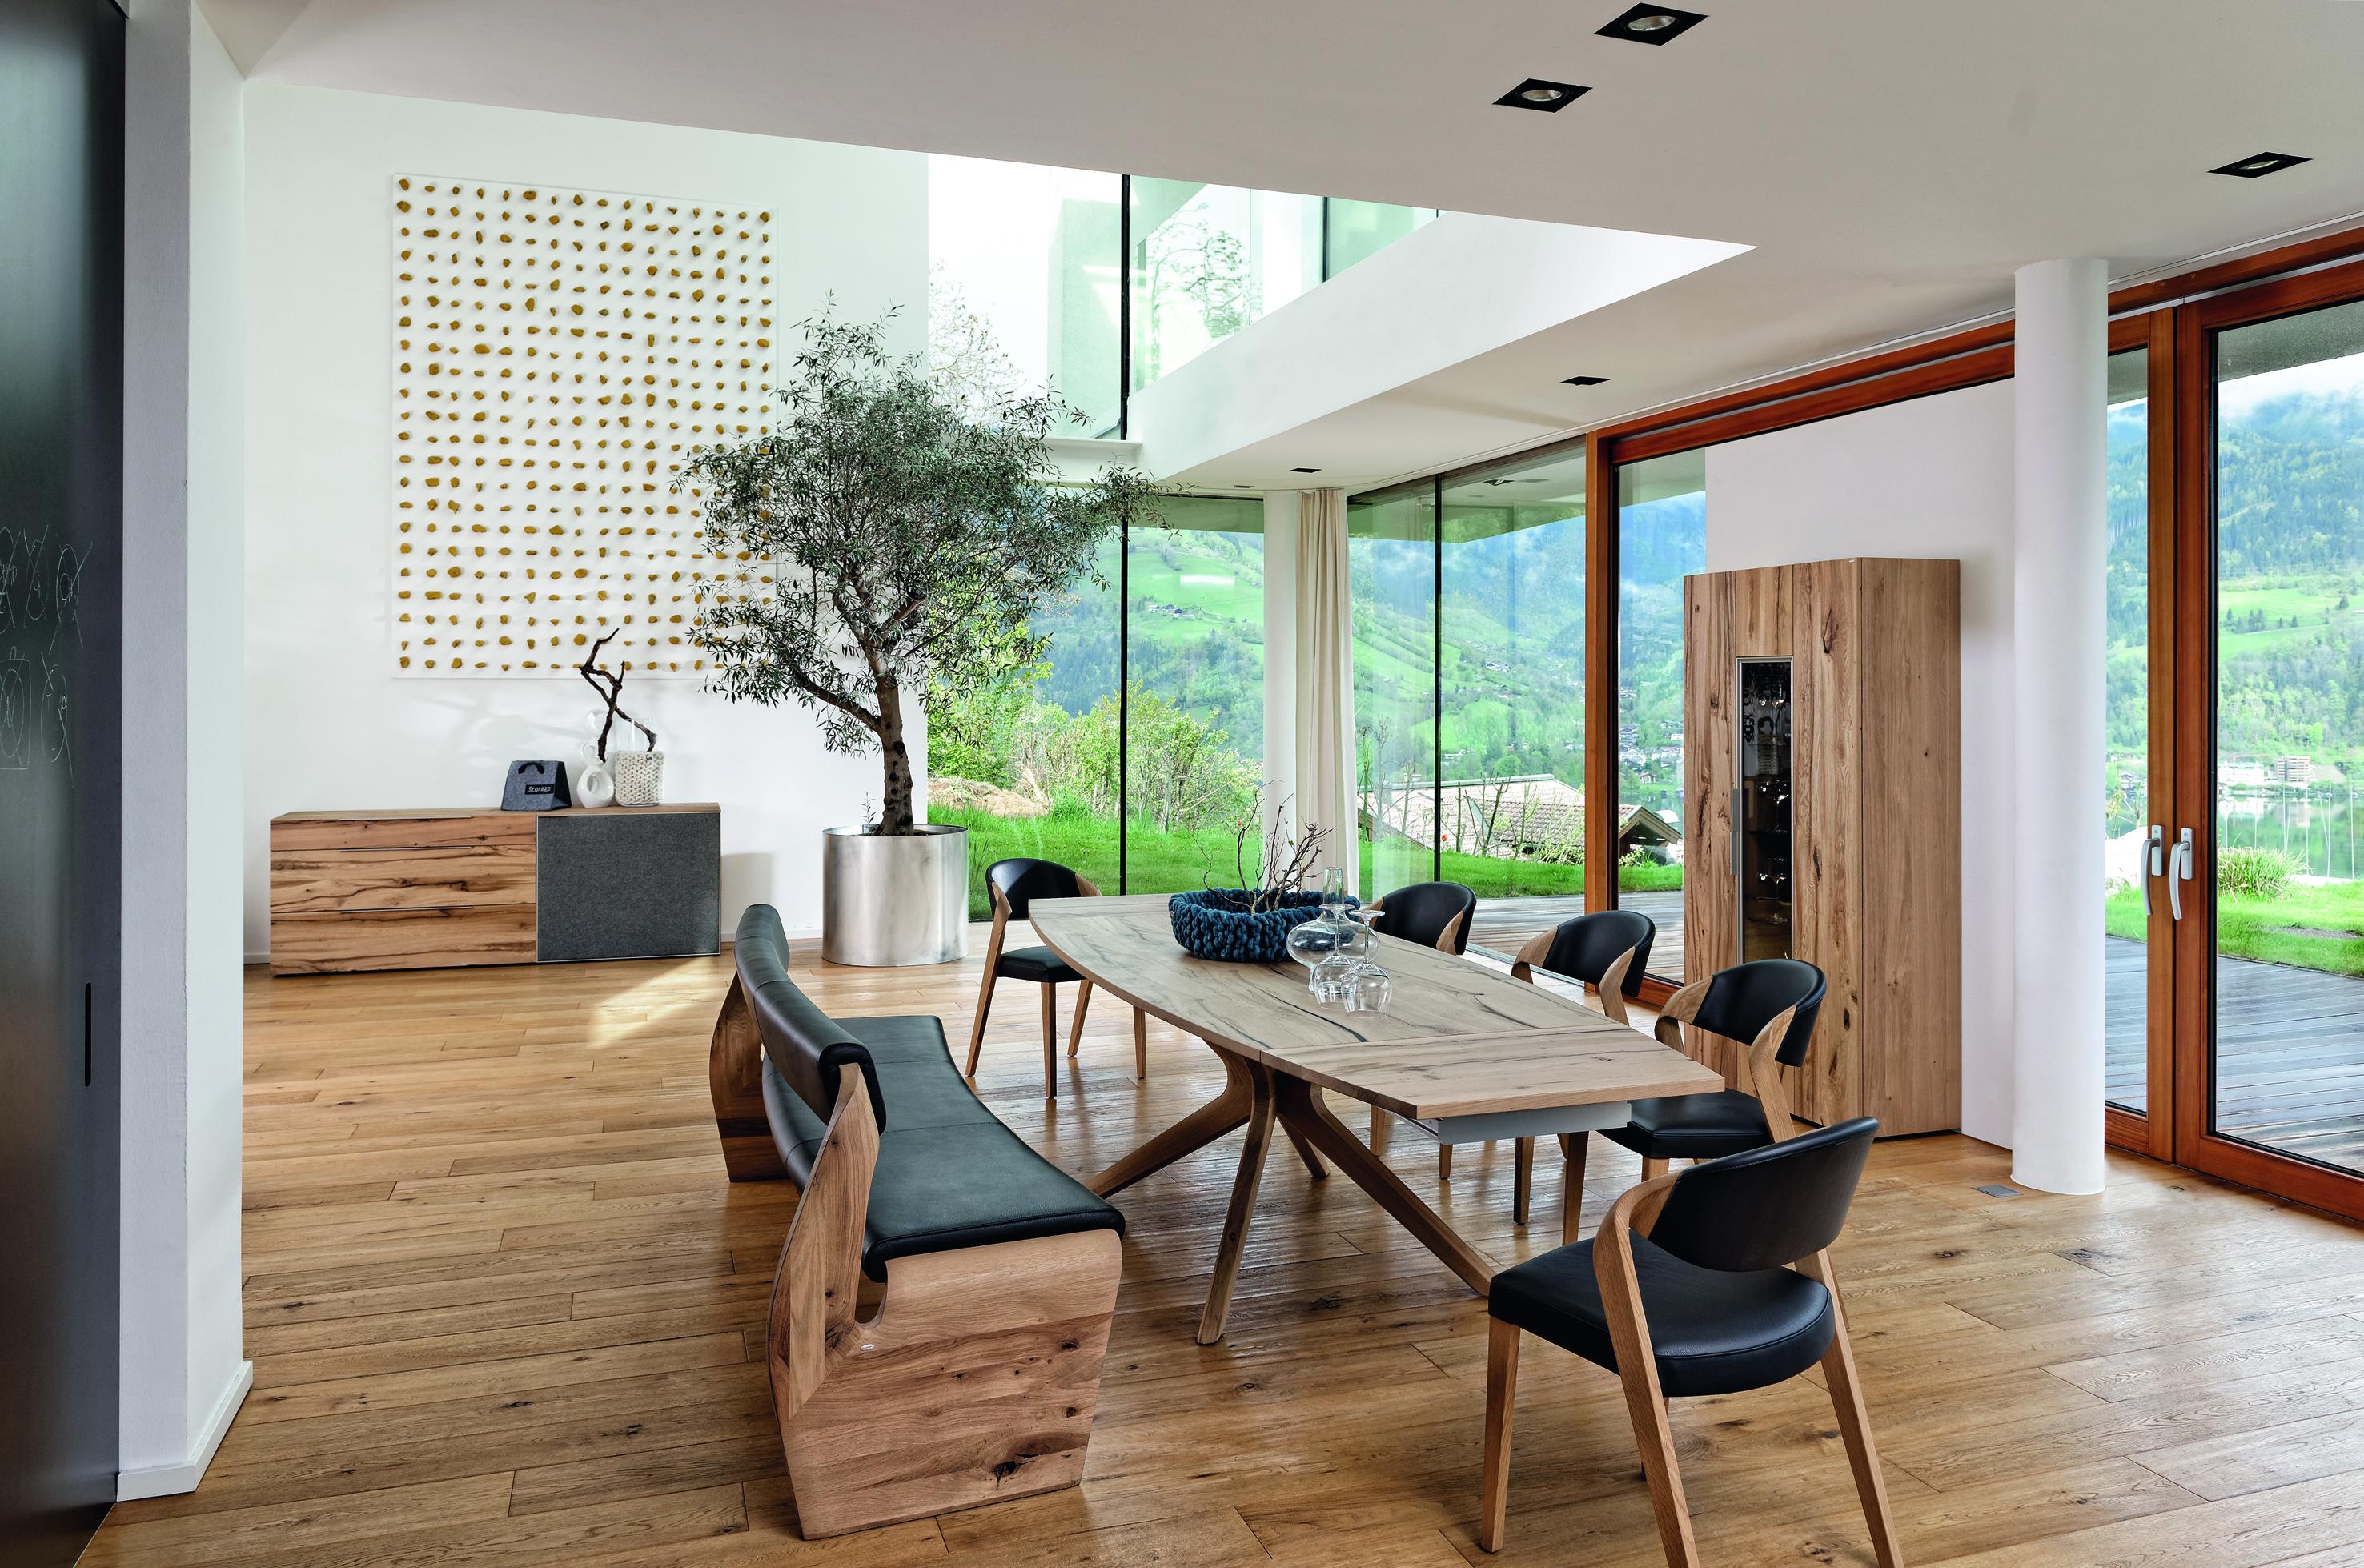 Malerisch Esszimmer Schwingstühle Das Beste Von Stühle Bei Trop – Wohngefühl Zum Mitnehmen